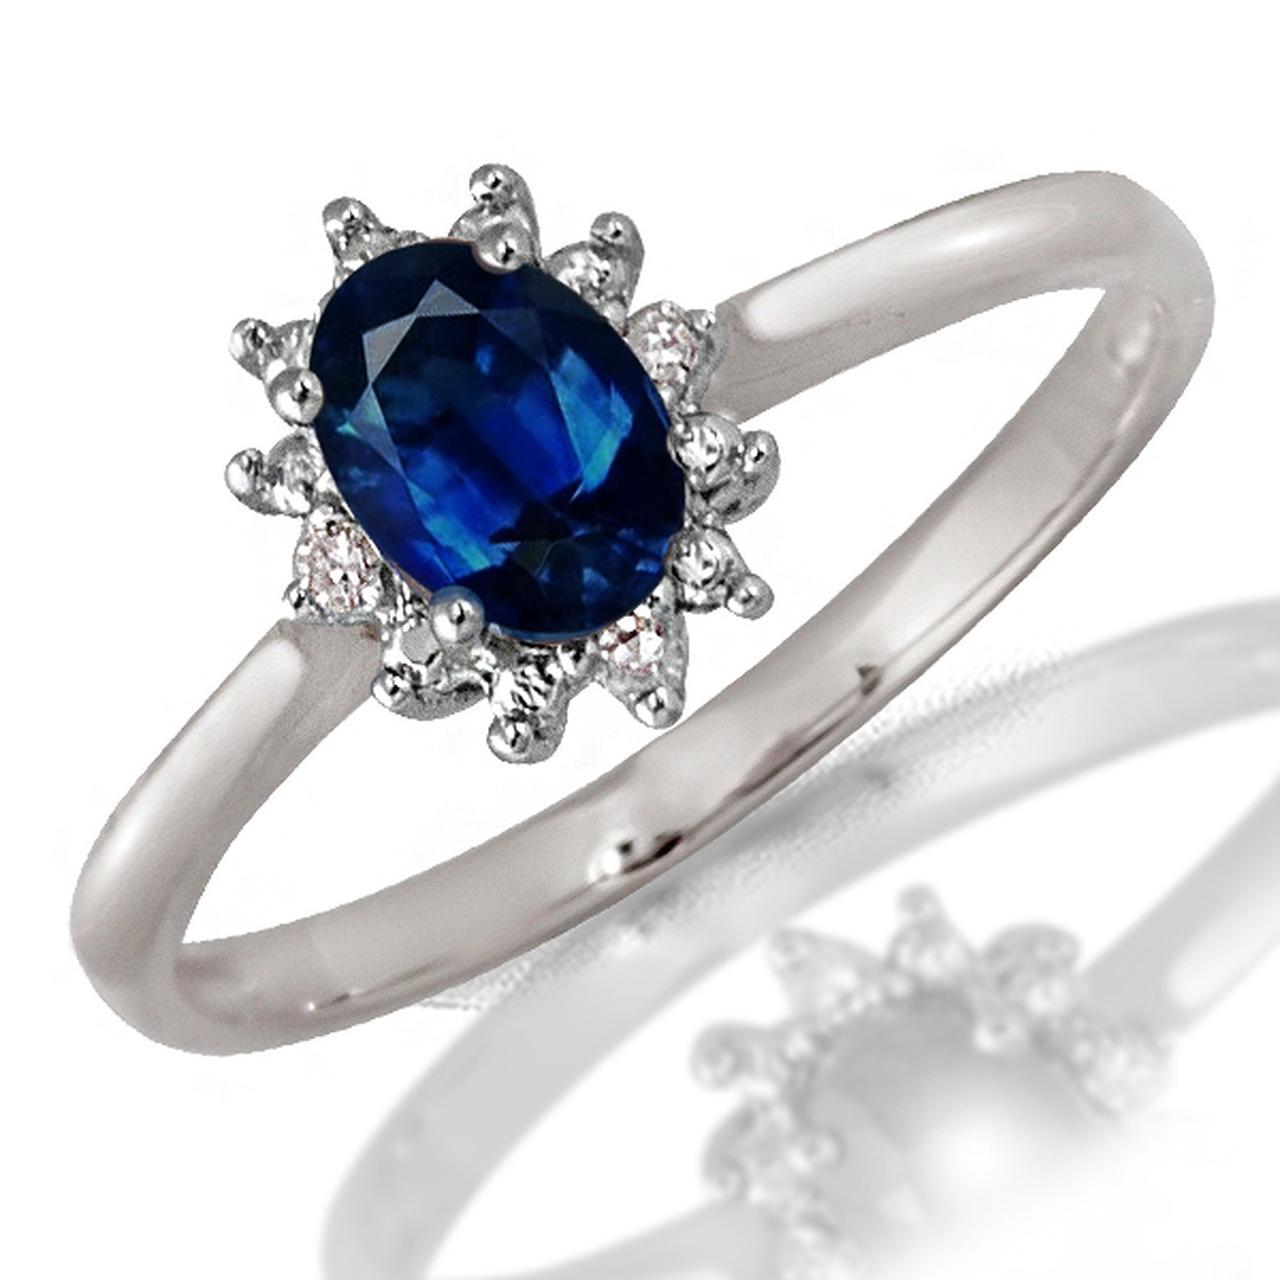 Золотое кольцо с бриллиантами и сапфиром, размер 17 (046987)